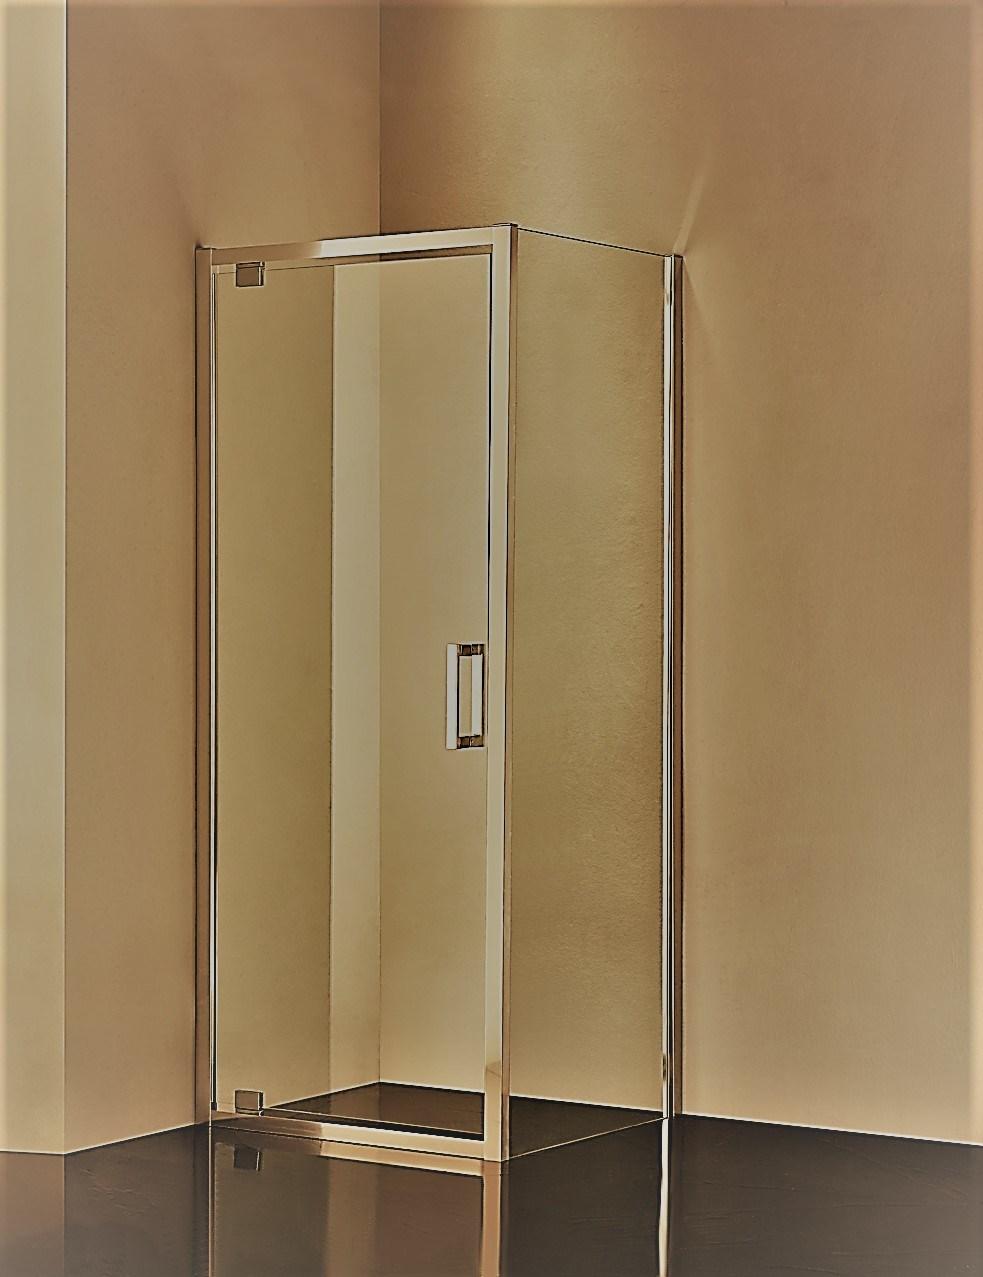 Smart Expo - Hr-09 Framed Pivot Hinge Shower Enclosure | Made-in ...